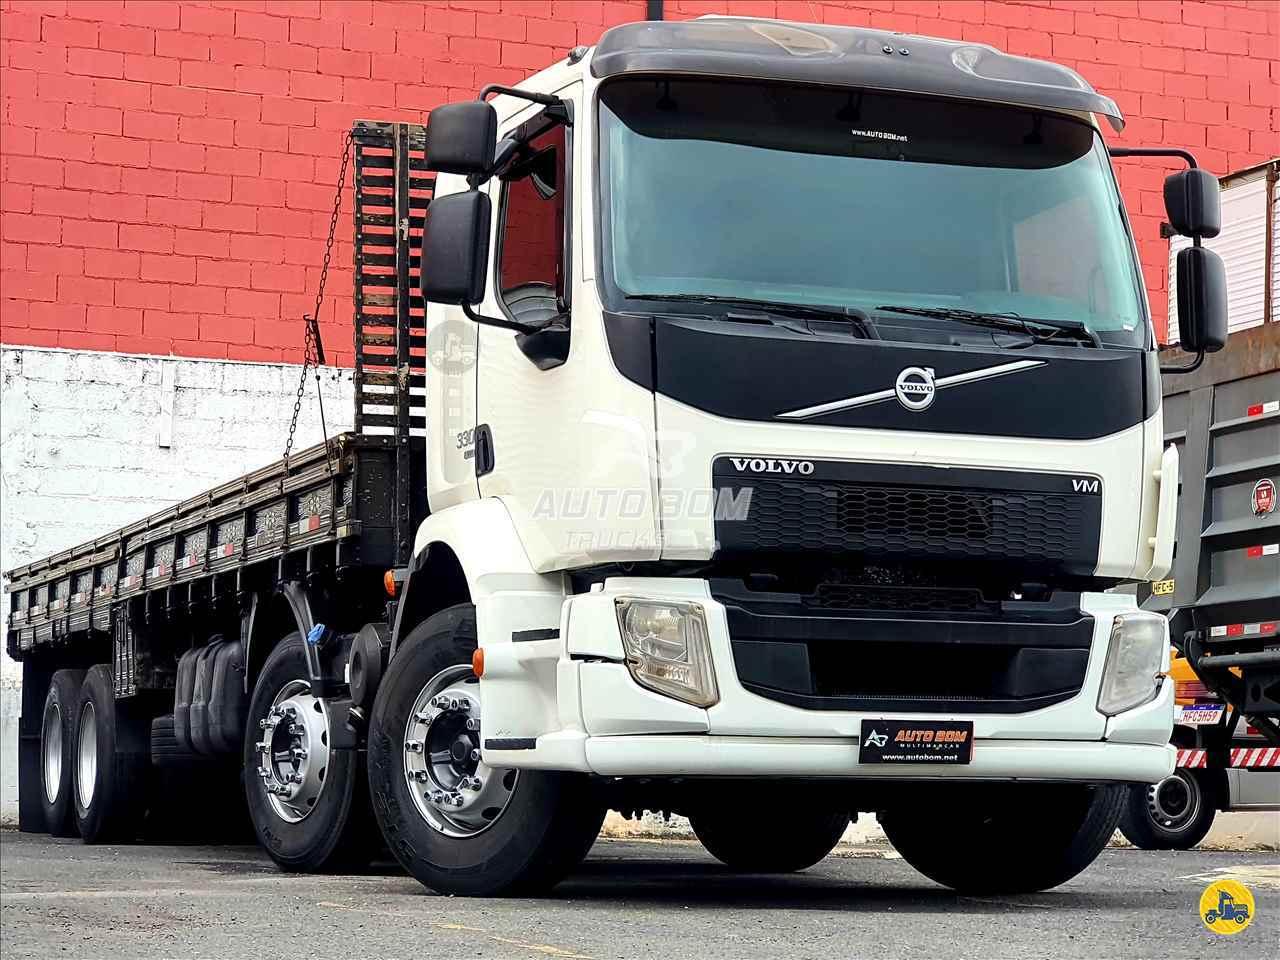 CAMINHAO VOLVO VOLVO VM 330 Carga Seca BiTruck 8x2 Autobom Trucks CONTAGEM MINAS GERAIS MG